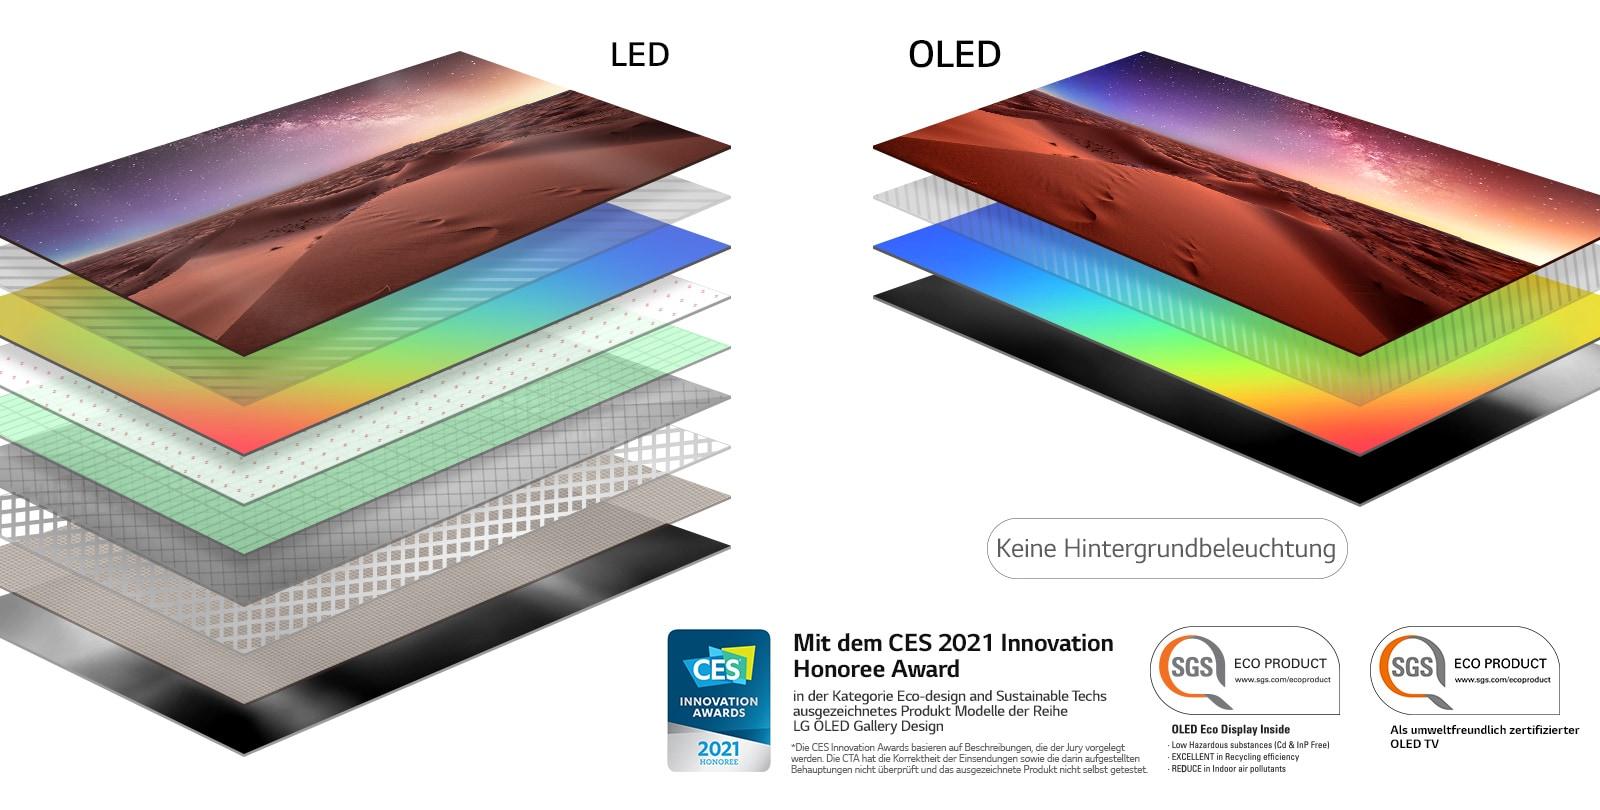 Primerjava sestave prikaznih plasti osvetljene LED televizije in samoosvetljujoče televizije OLED (predvajanje videa)